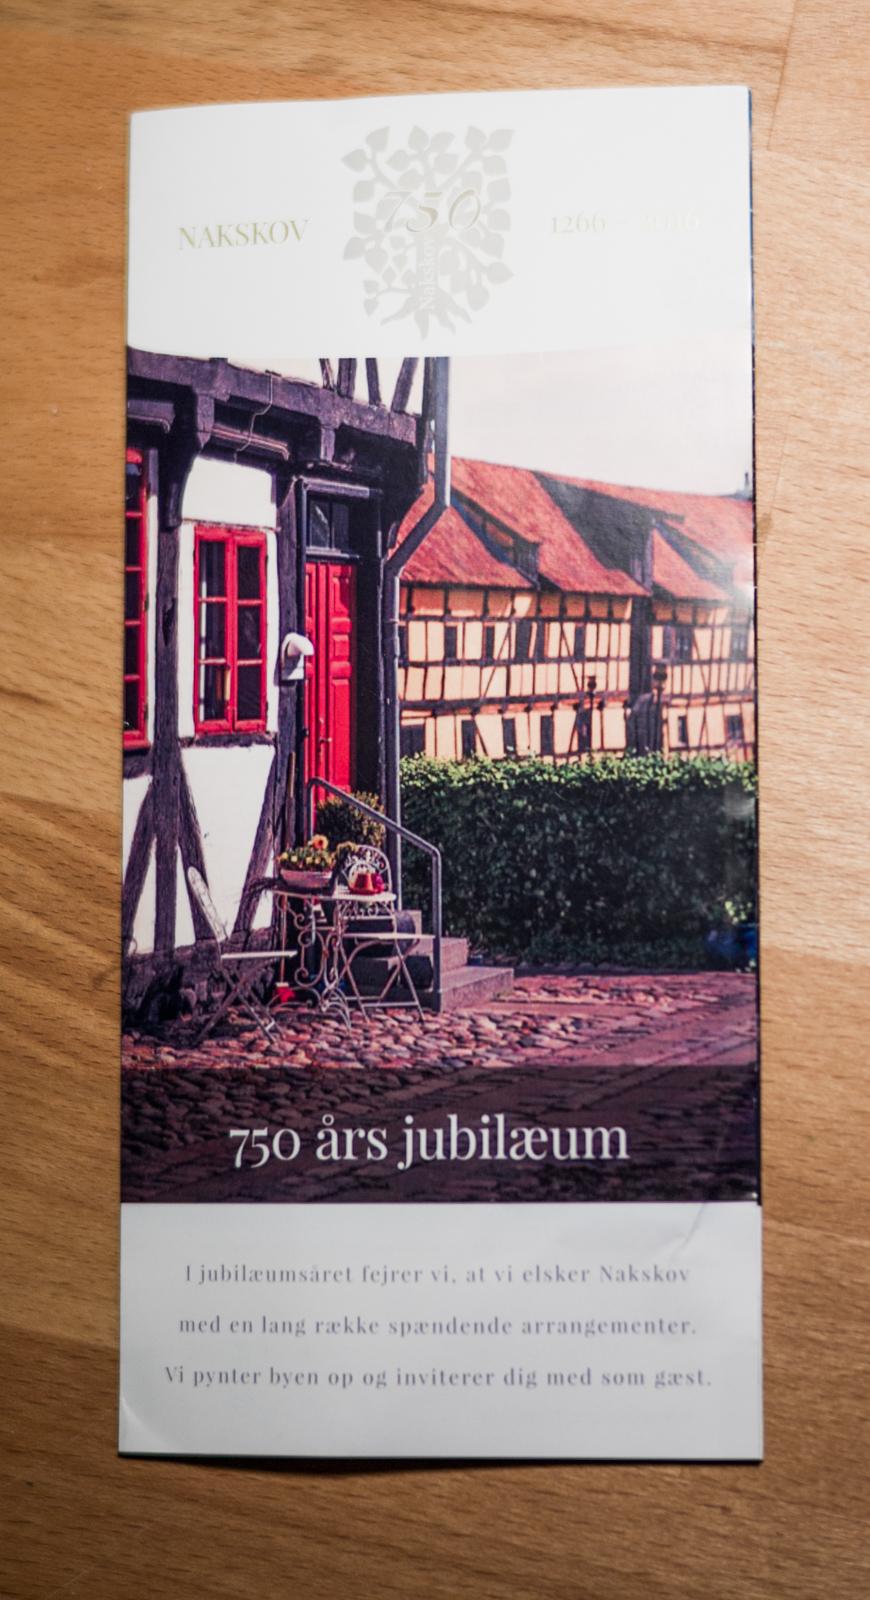 Nakskov 750 års jubilæums folder